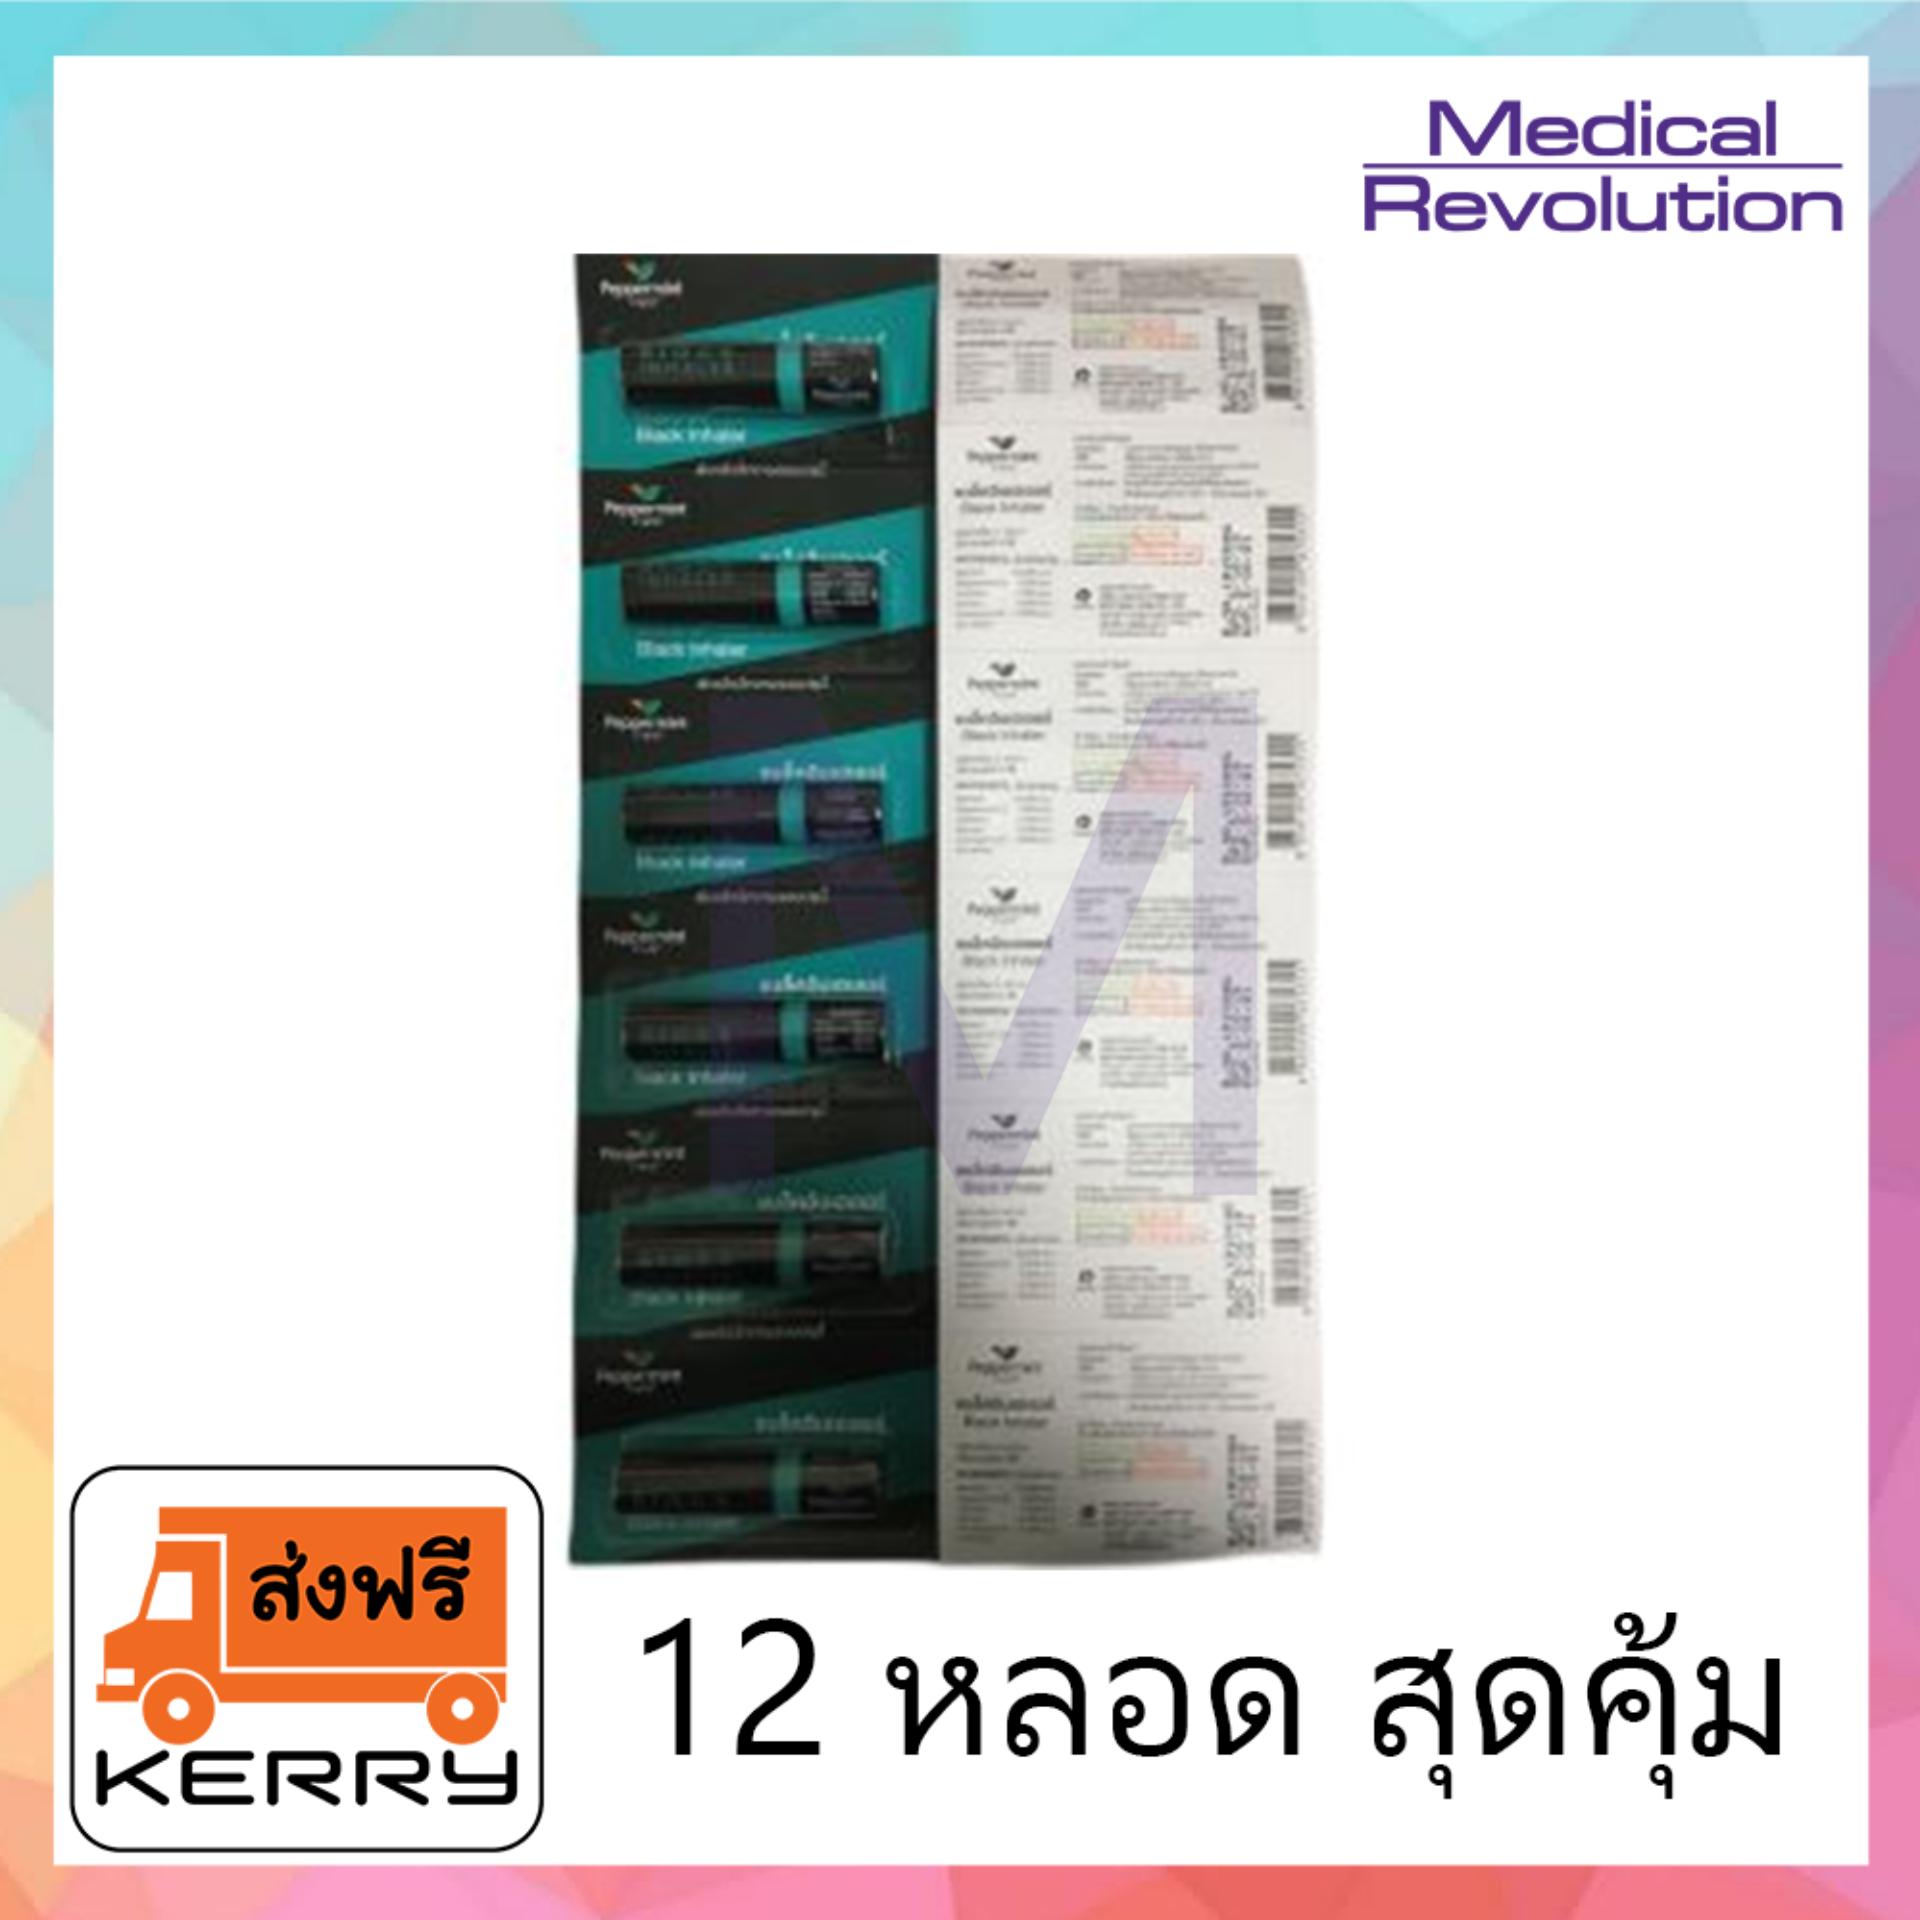 ยาดม แบล็คอินเฮเลอร์ Peppermint Black Inhaler จำนวน 12 หลอด